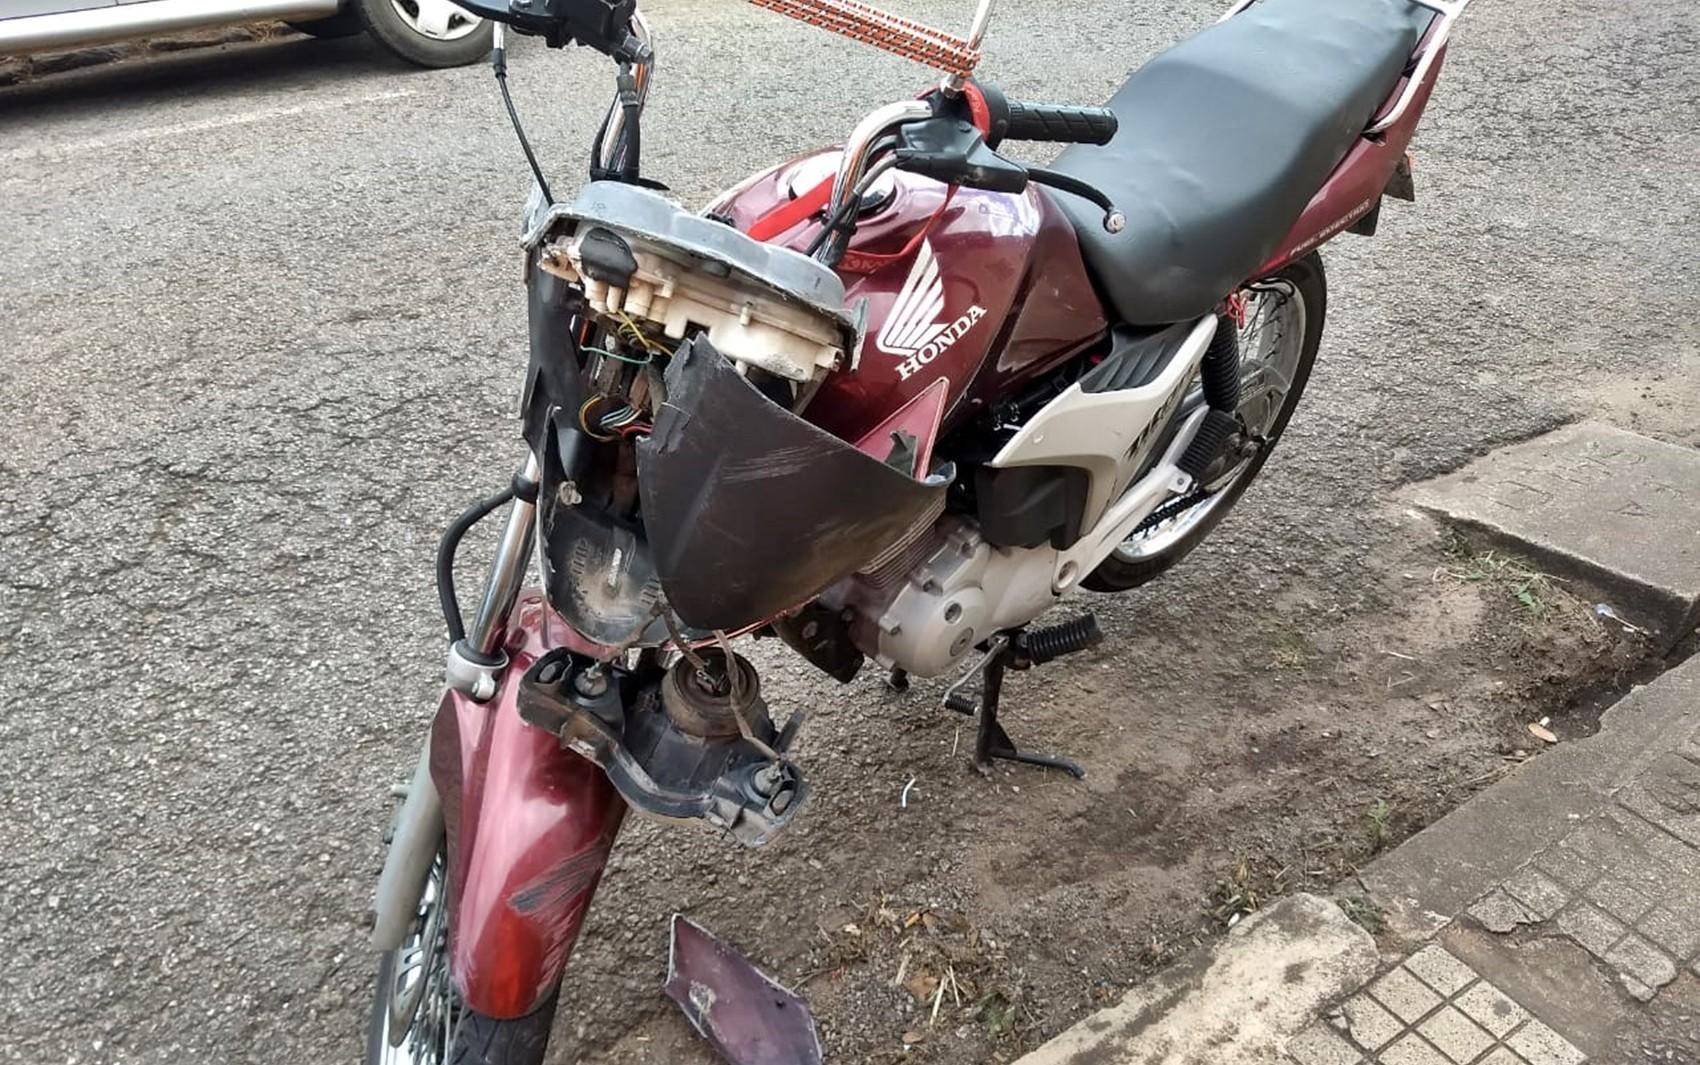 Mulher morre após casal cair de motocicleta no Centro de Varginha, MG - Notícias - Plantão Diário